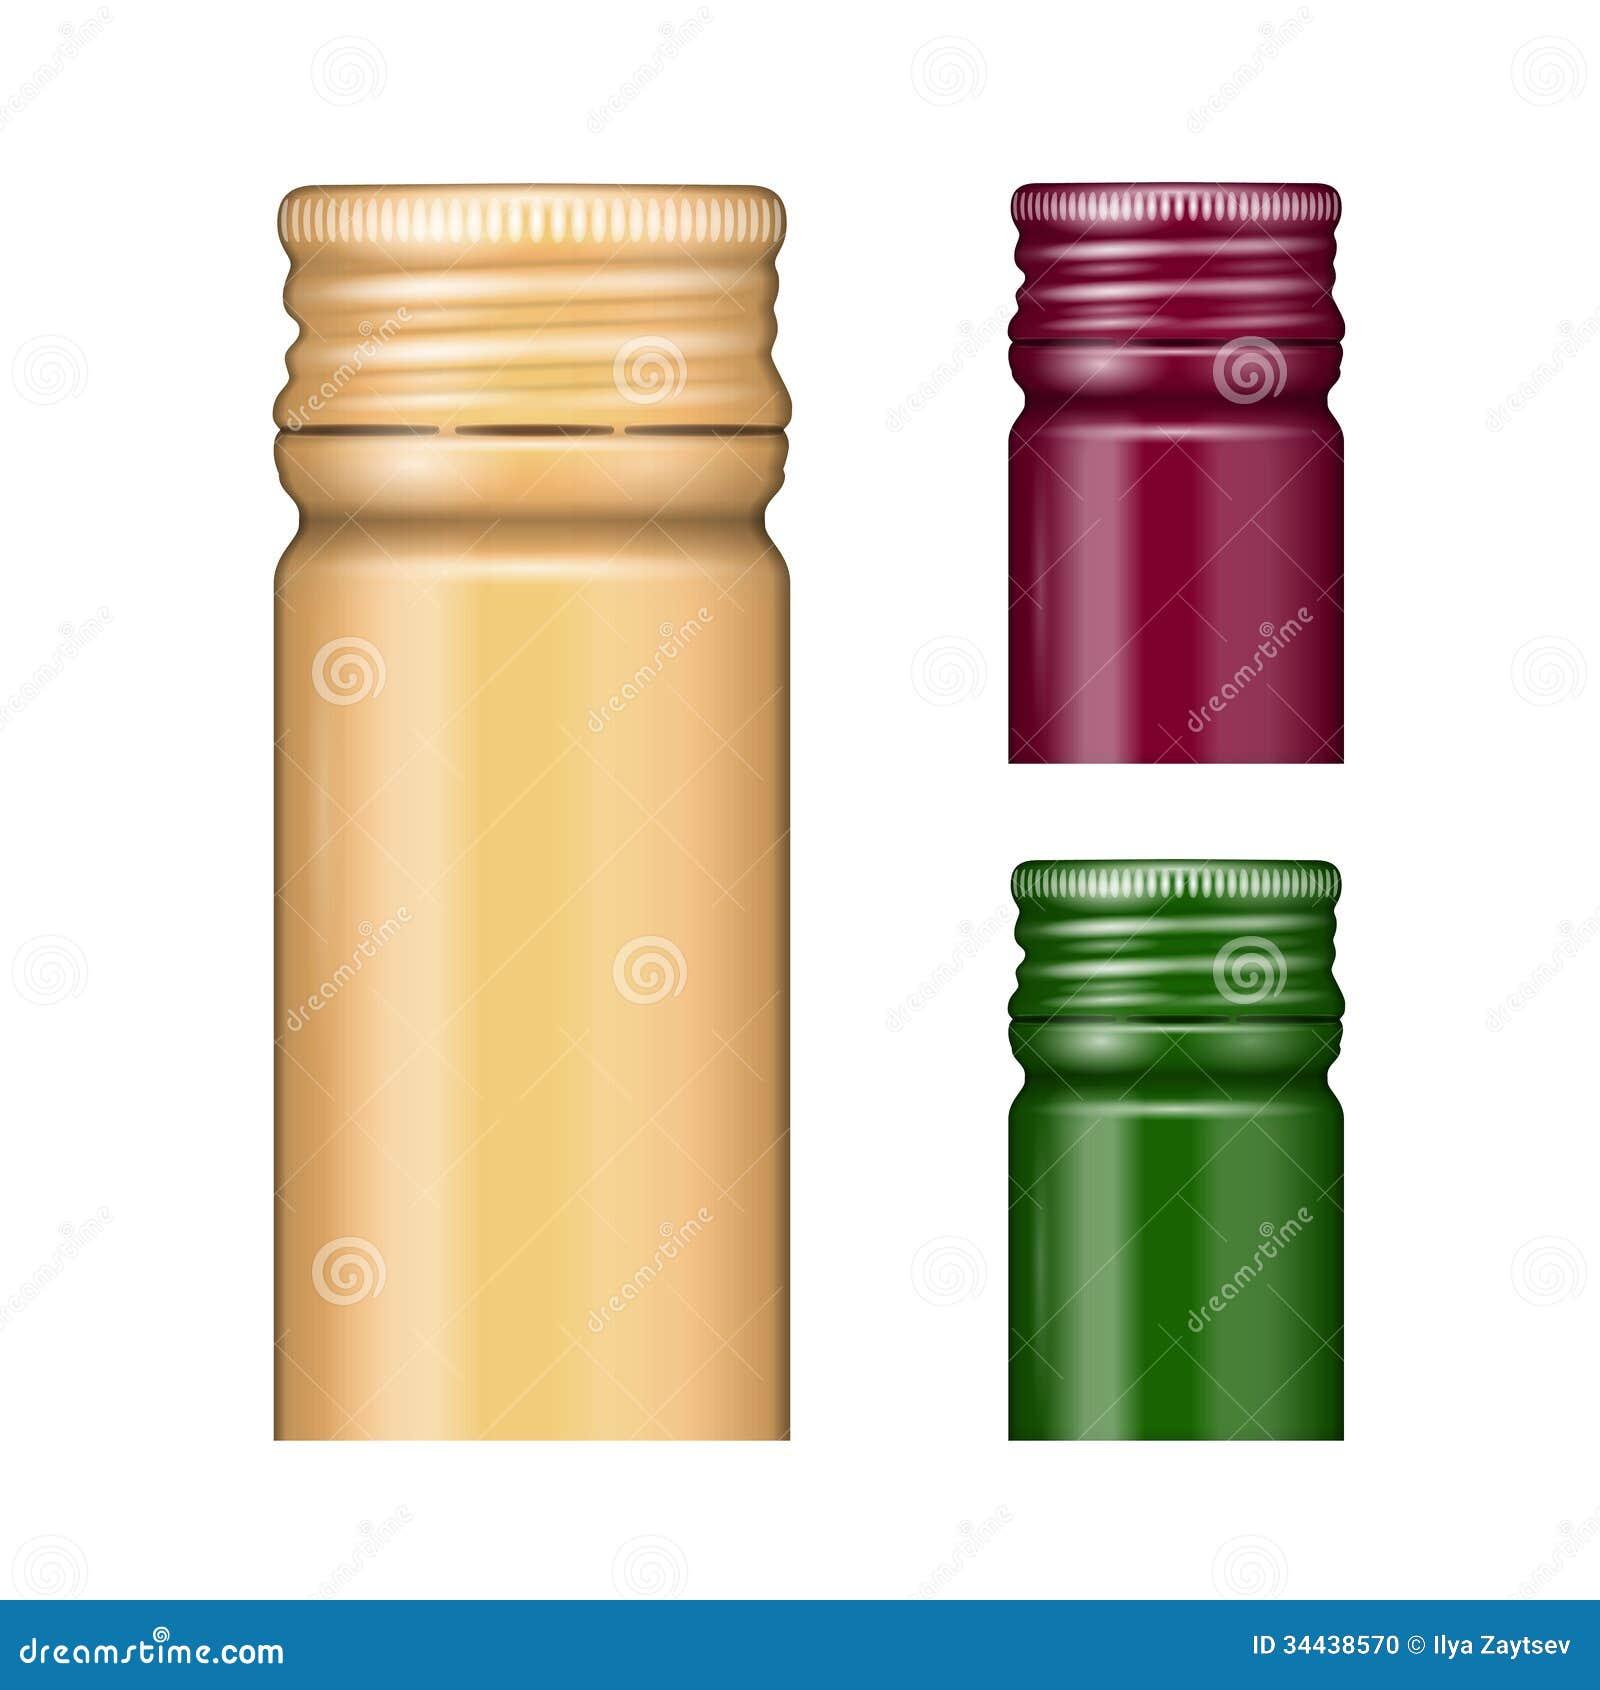 Bottle Caps Stock Photo Image 34438570